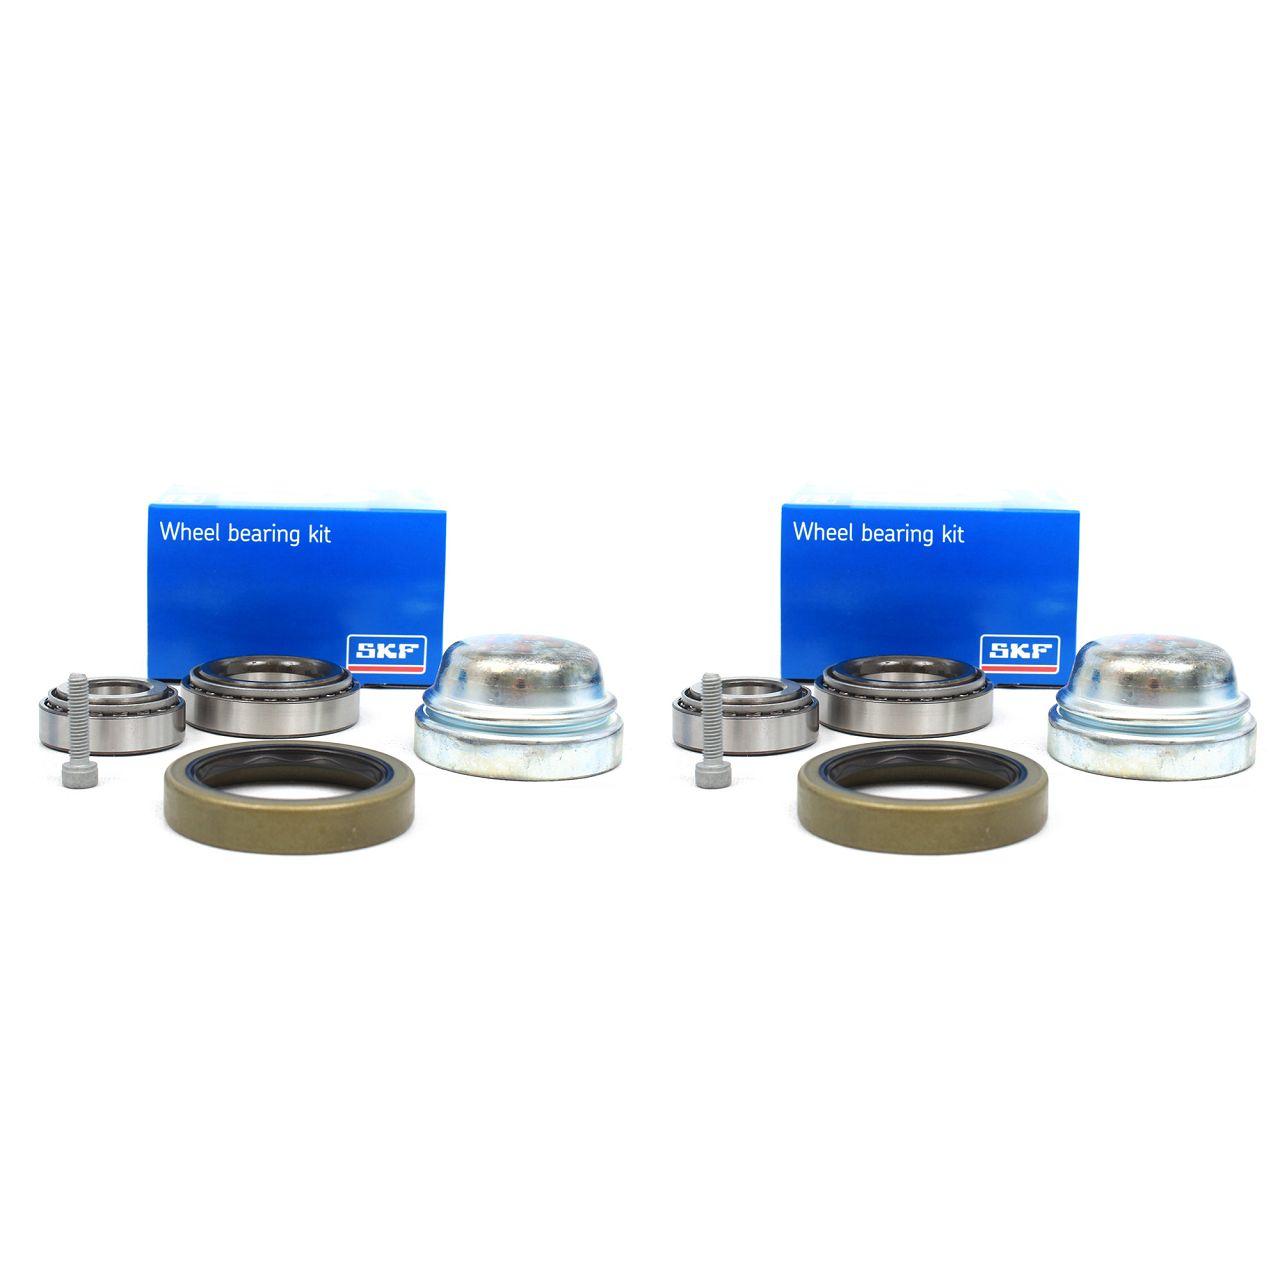 2x SKF VKBA1498 Radlagersatz MERCEDES W202 C208 A208 W210 R170 vorne 2103300051